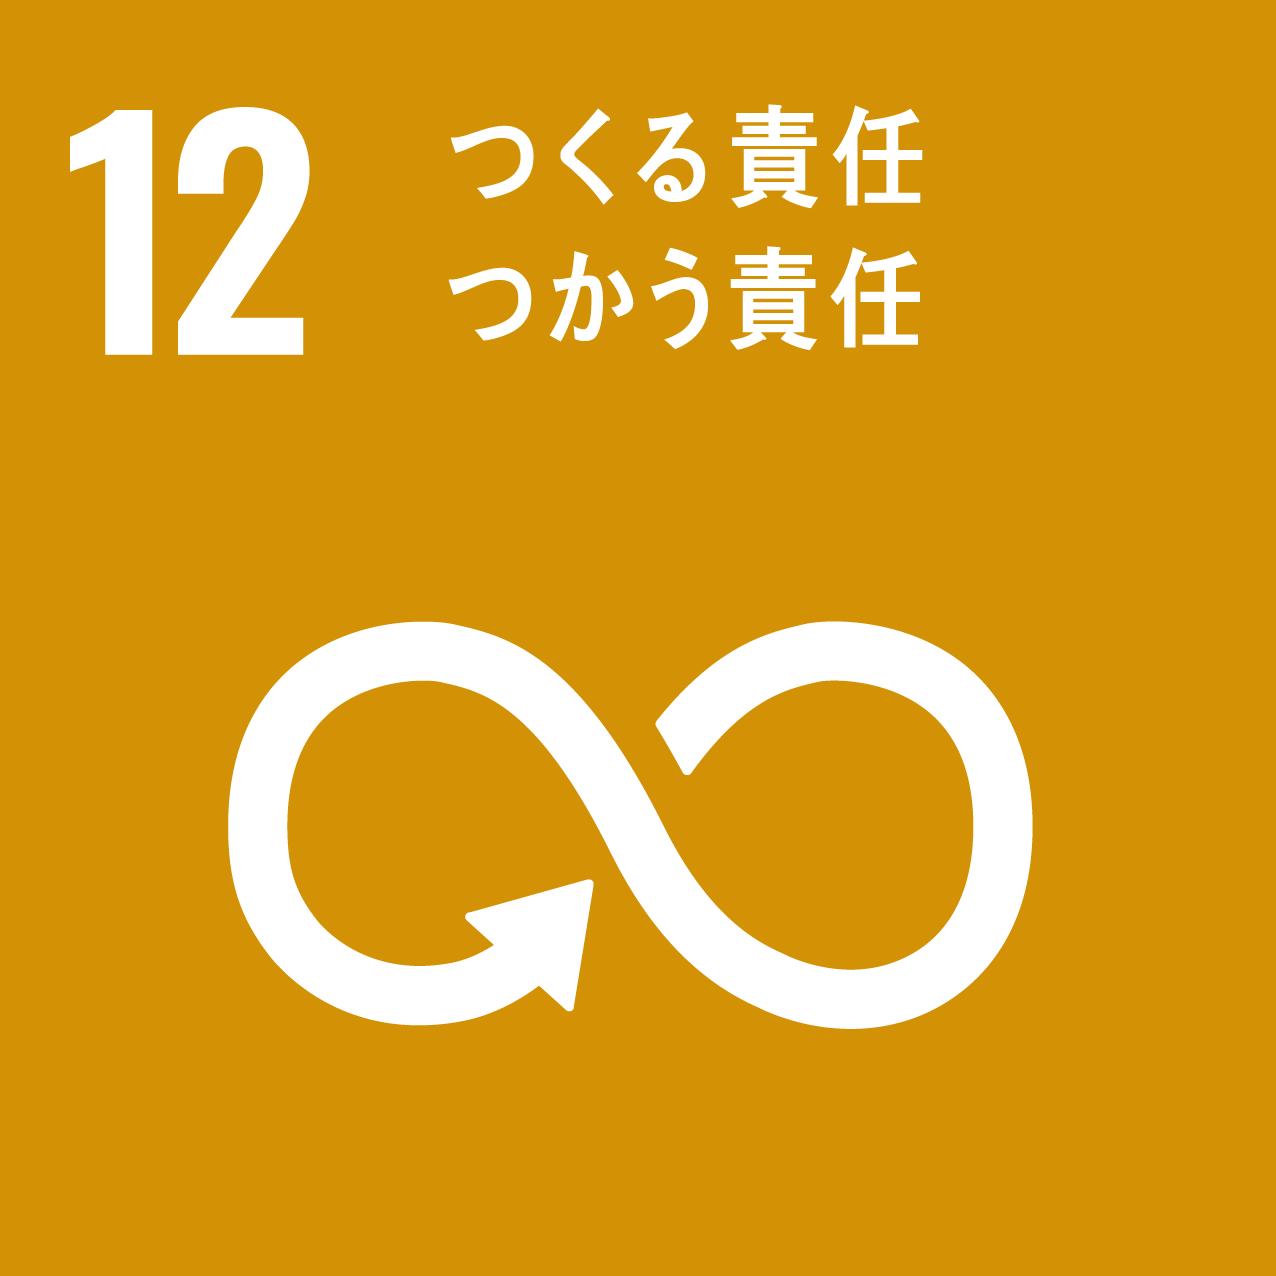 12. つくる責任 使う責任